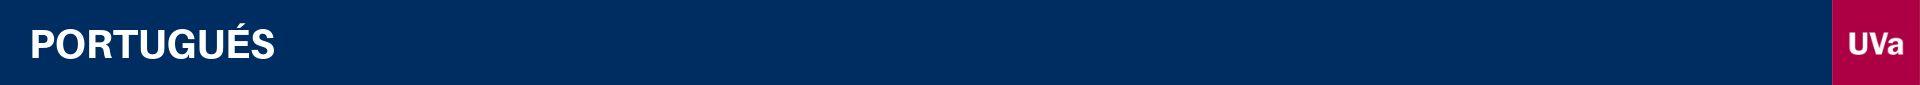 Portugués banner cursos web